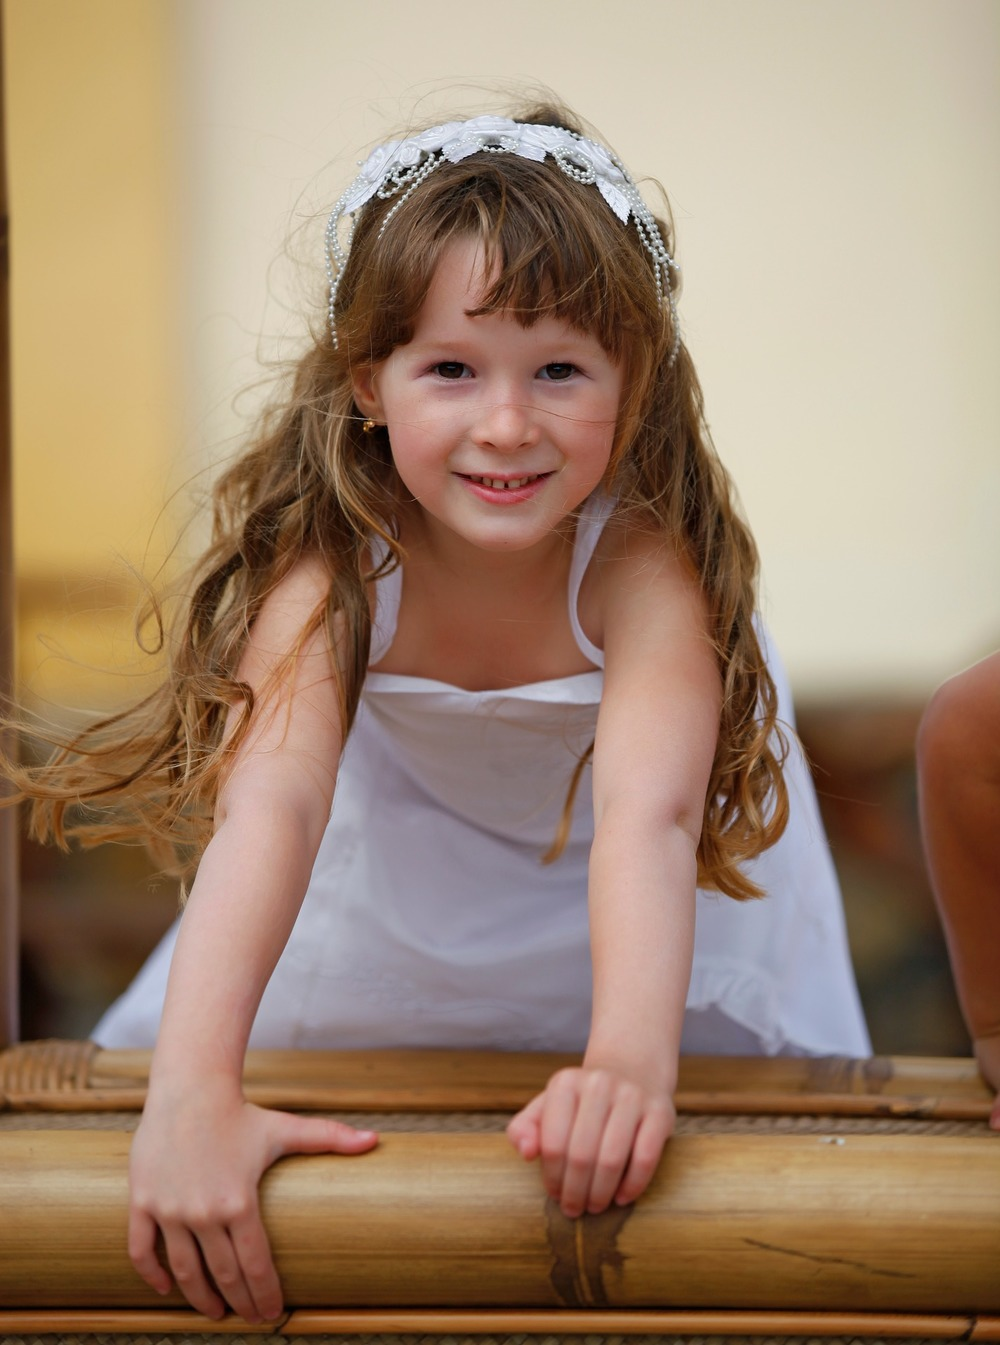 child-1128213_1920.jpg